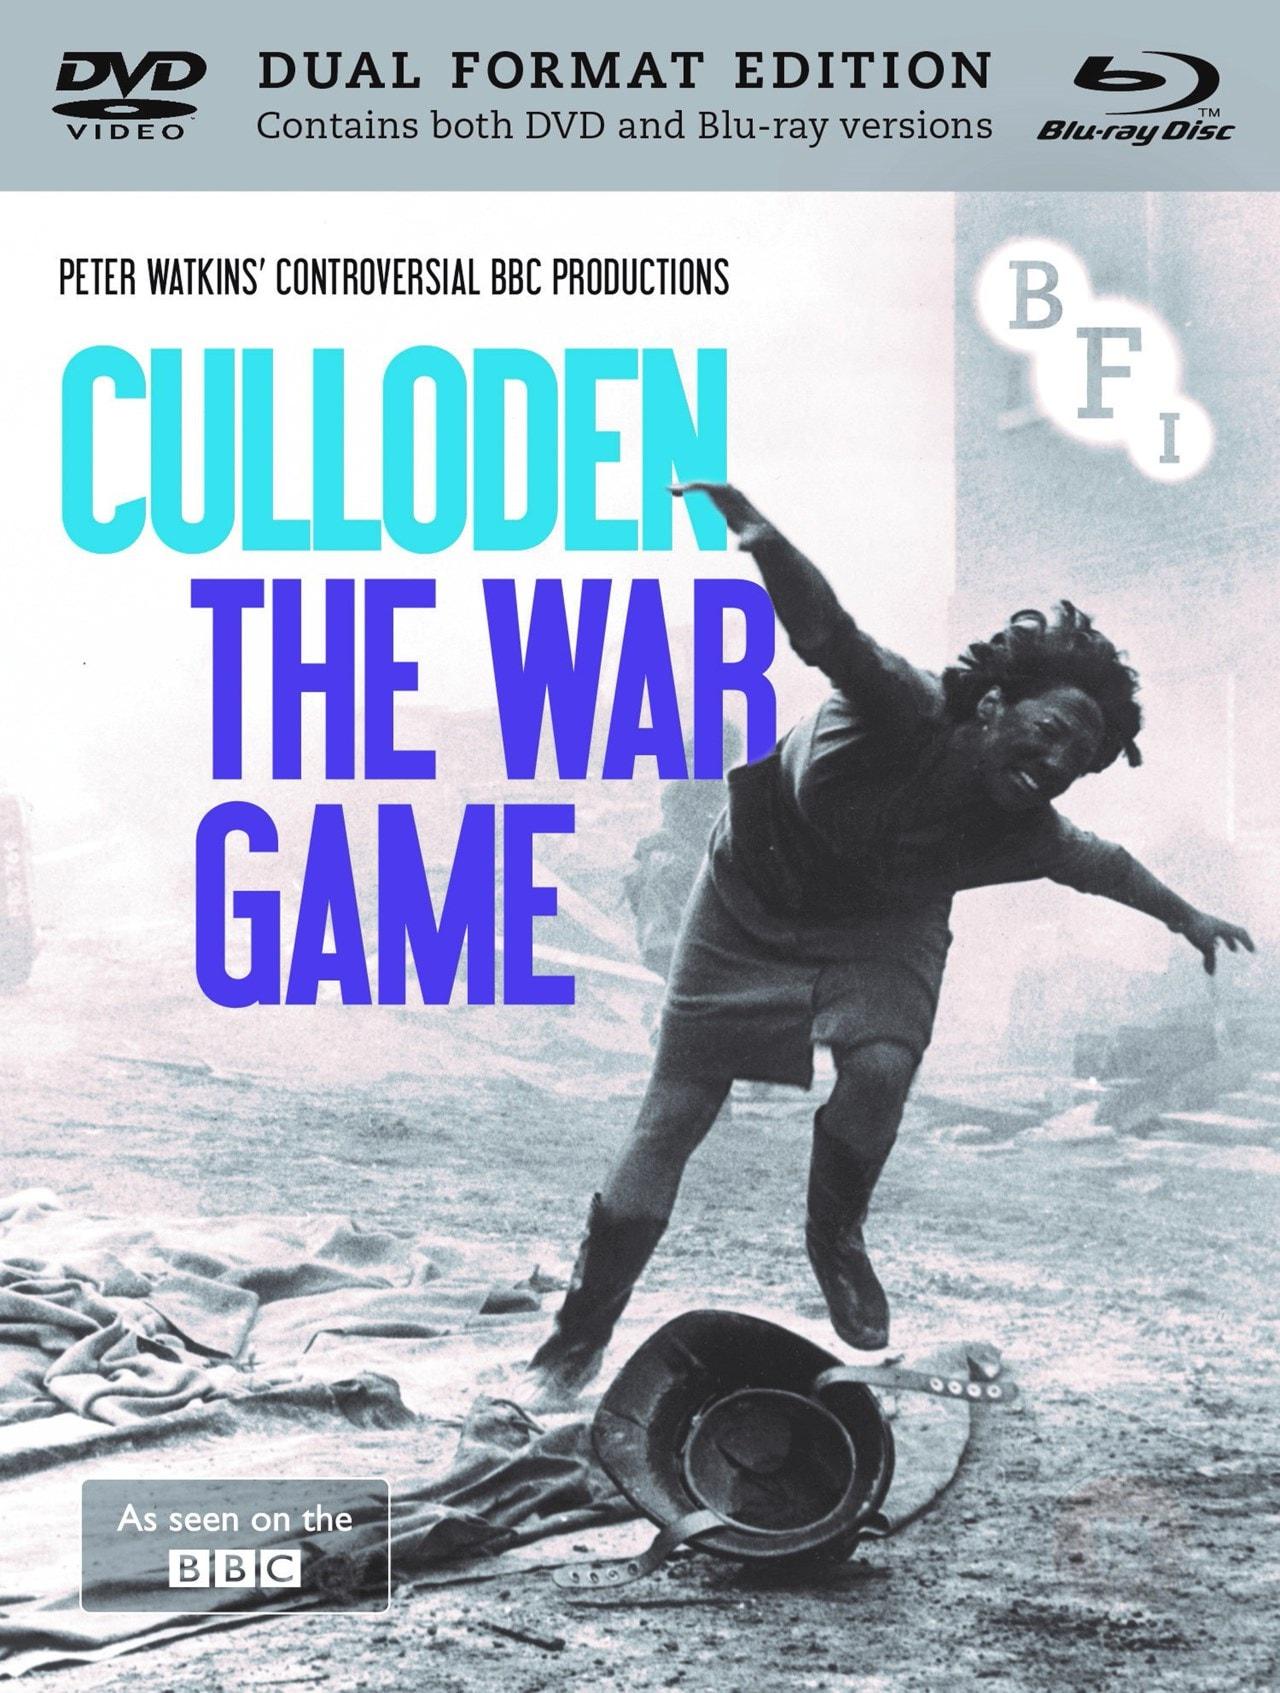 Culloden/The War Game - 1